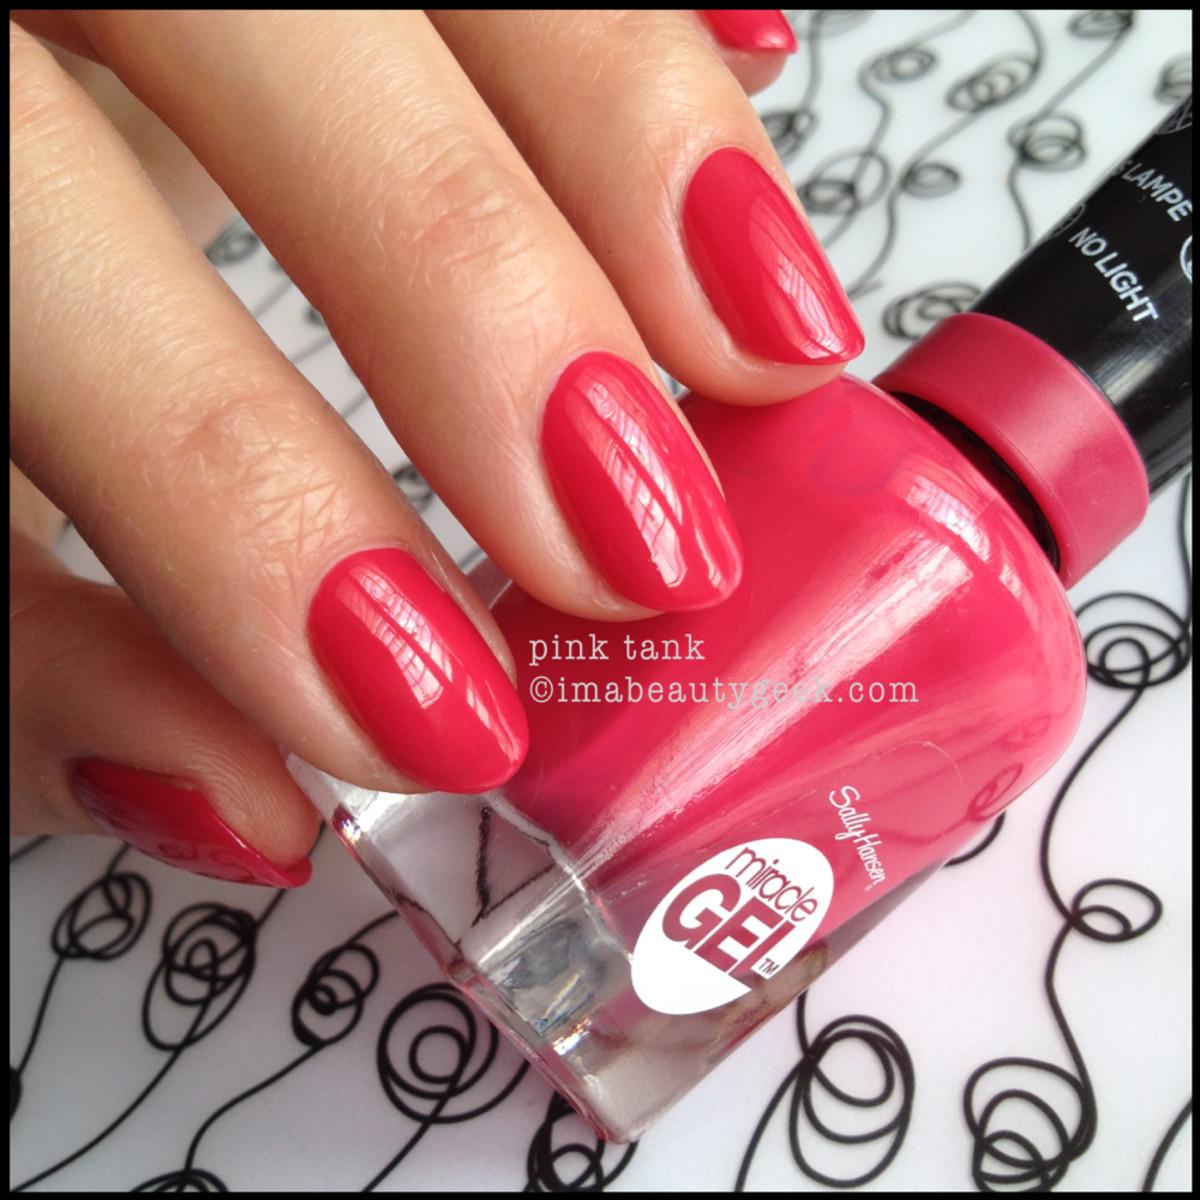 Sally Hansen Miracle Gel Pink Tank 2014